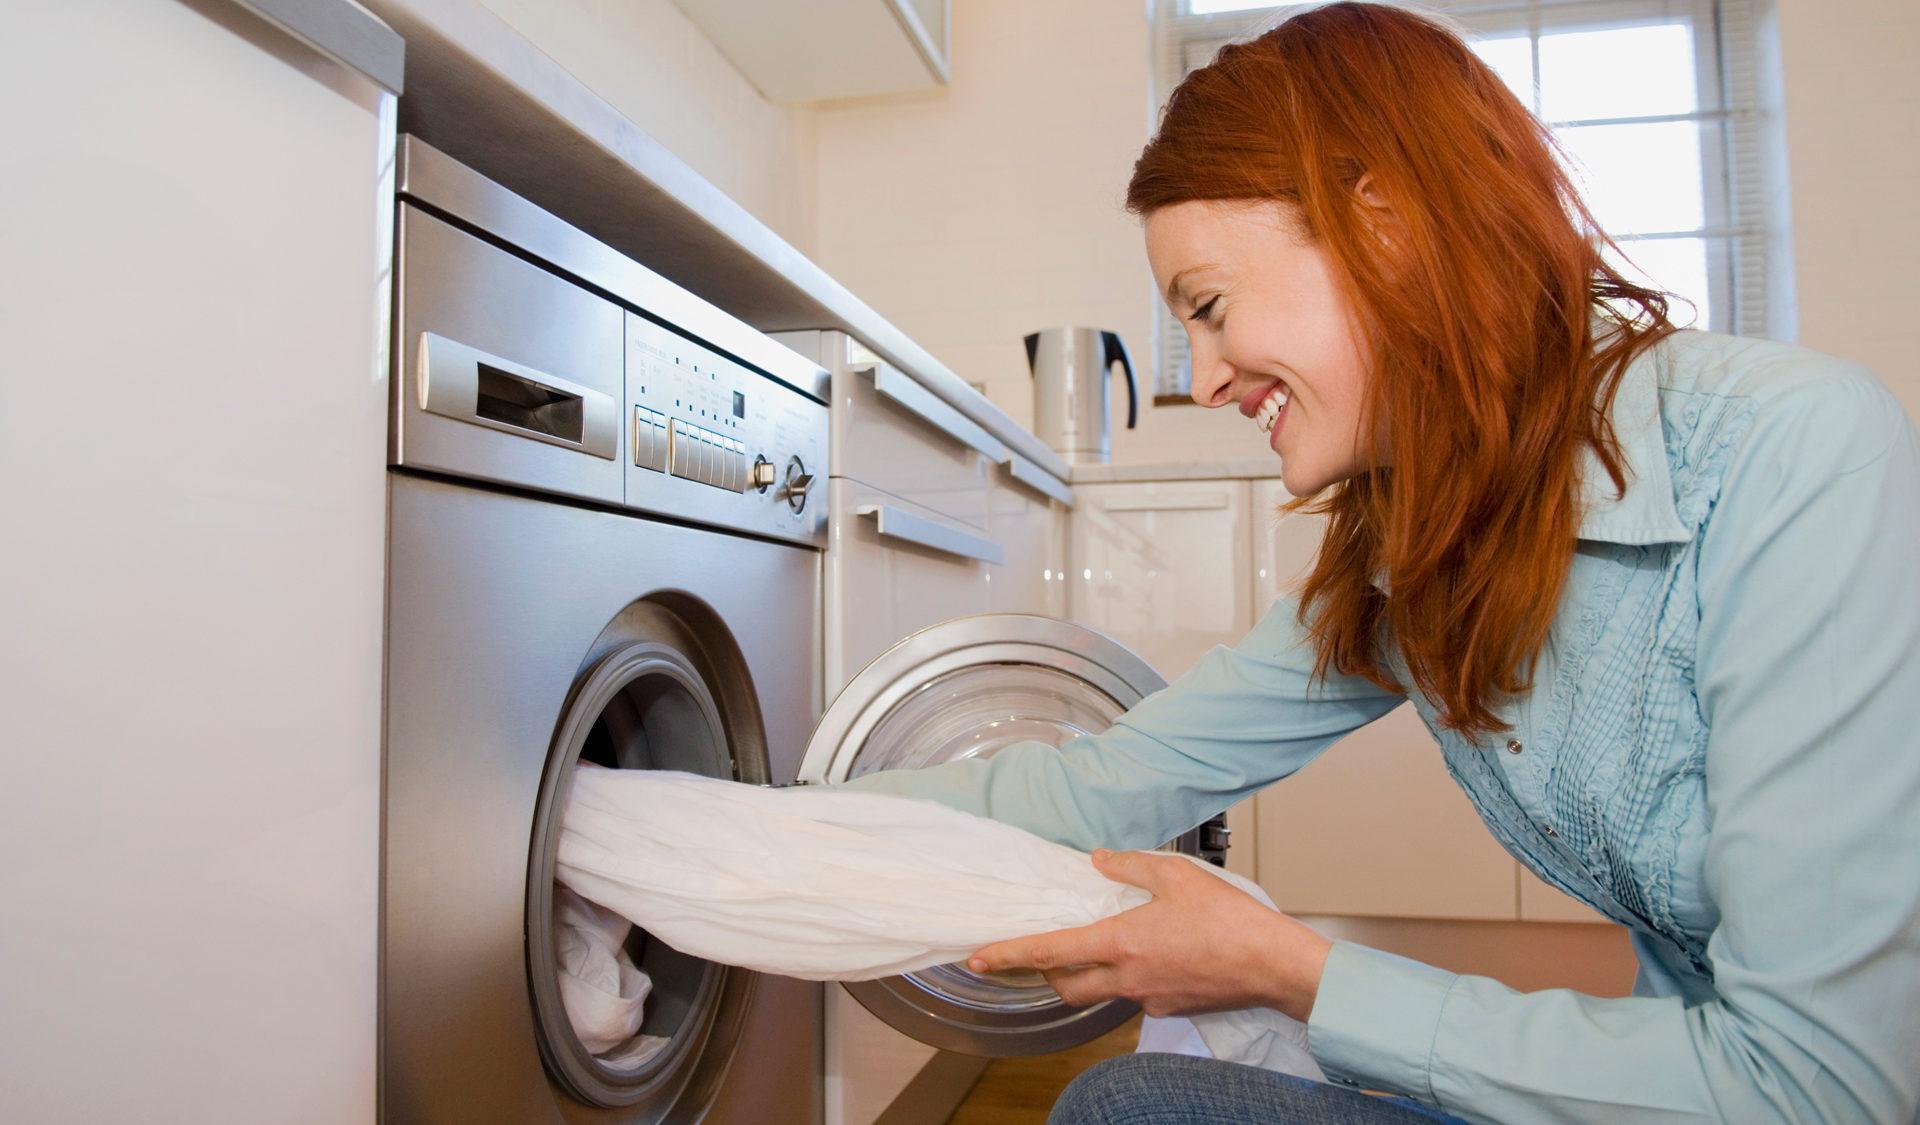 Máquina de lavar roupa: lave melhor, gaste menos